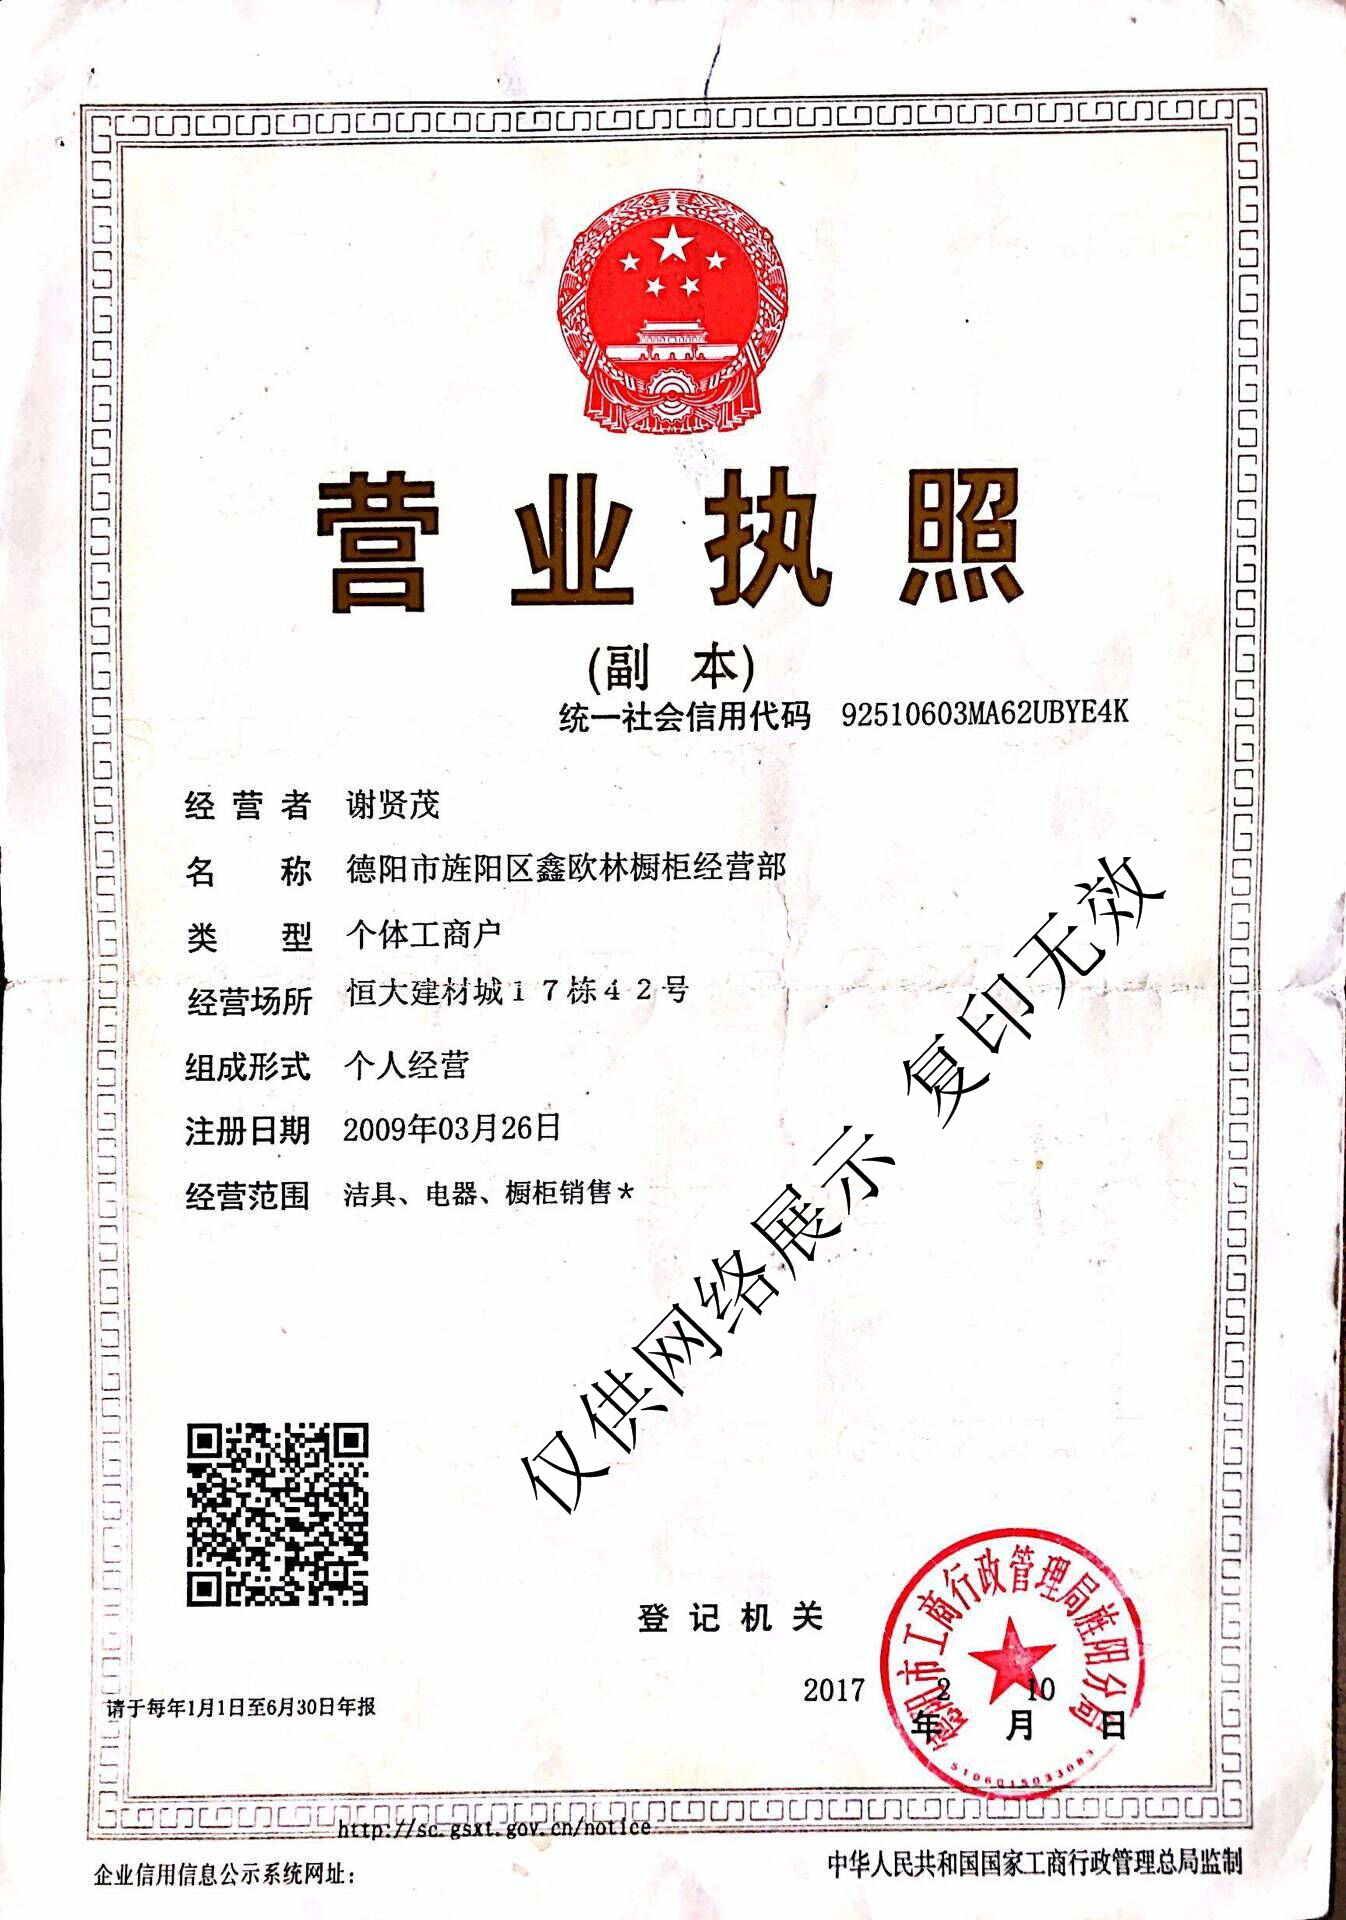 德陽市旌陽區快猫官网櫥櫃經營部營業執照